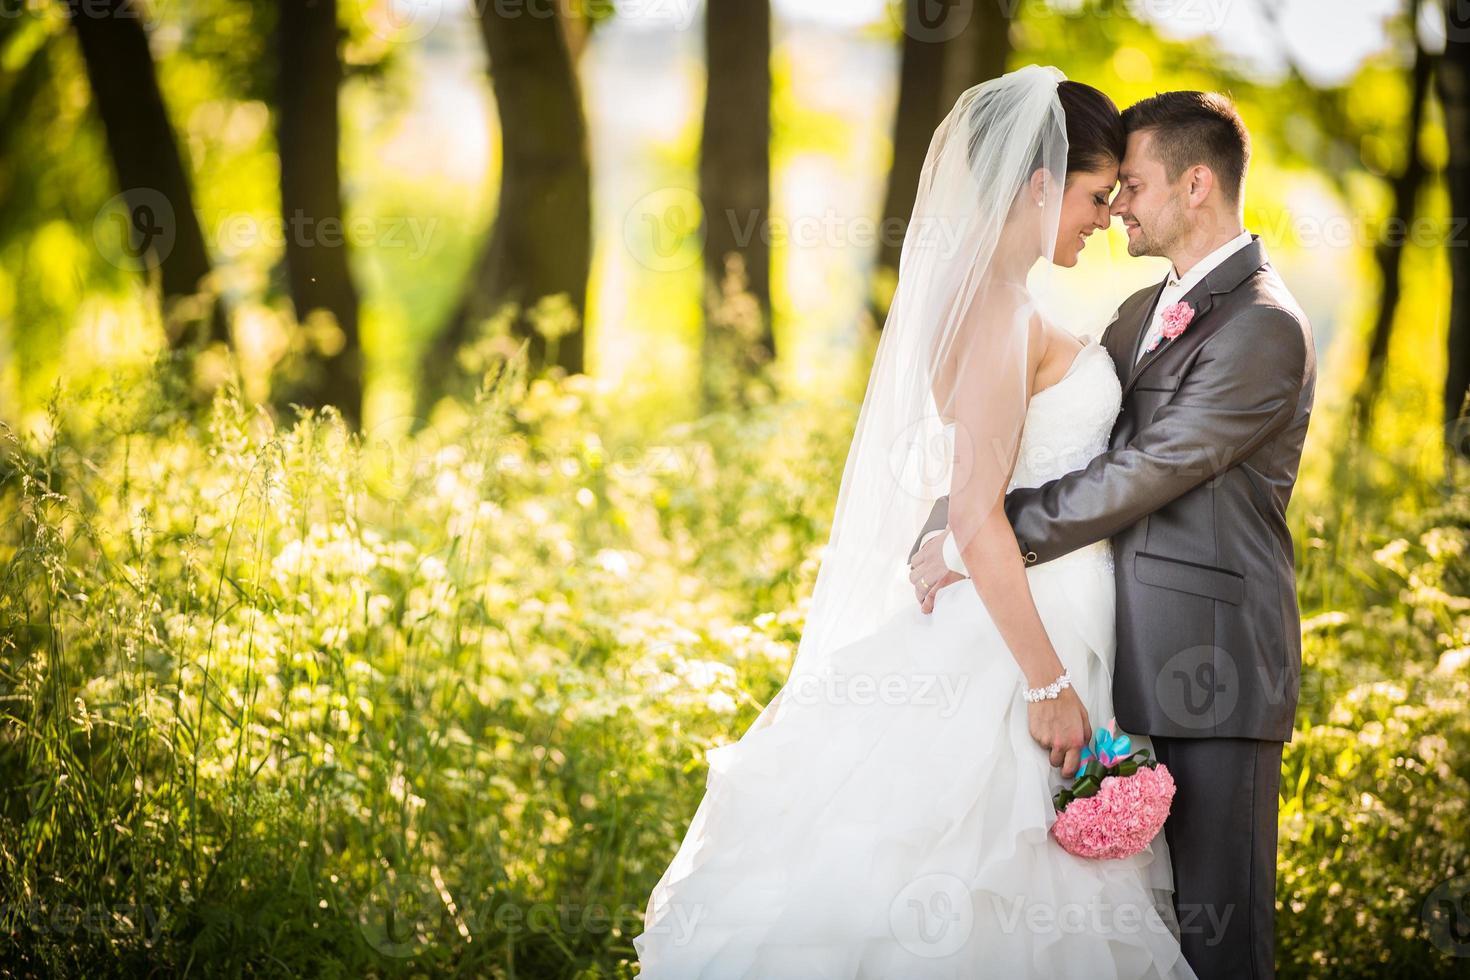 retrato de um jovem casal de noivos foto